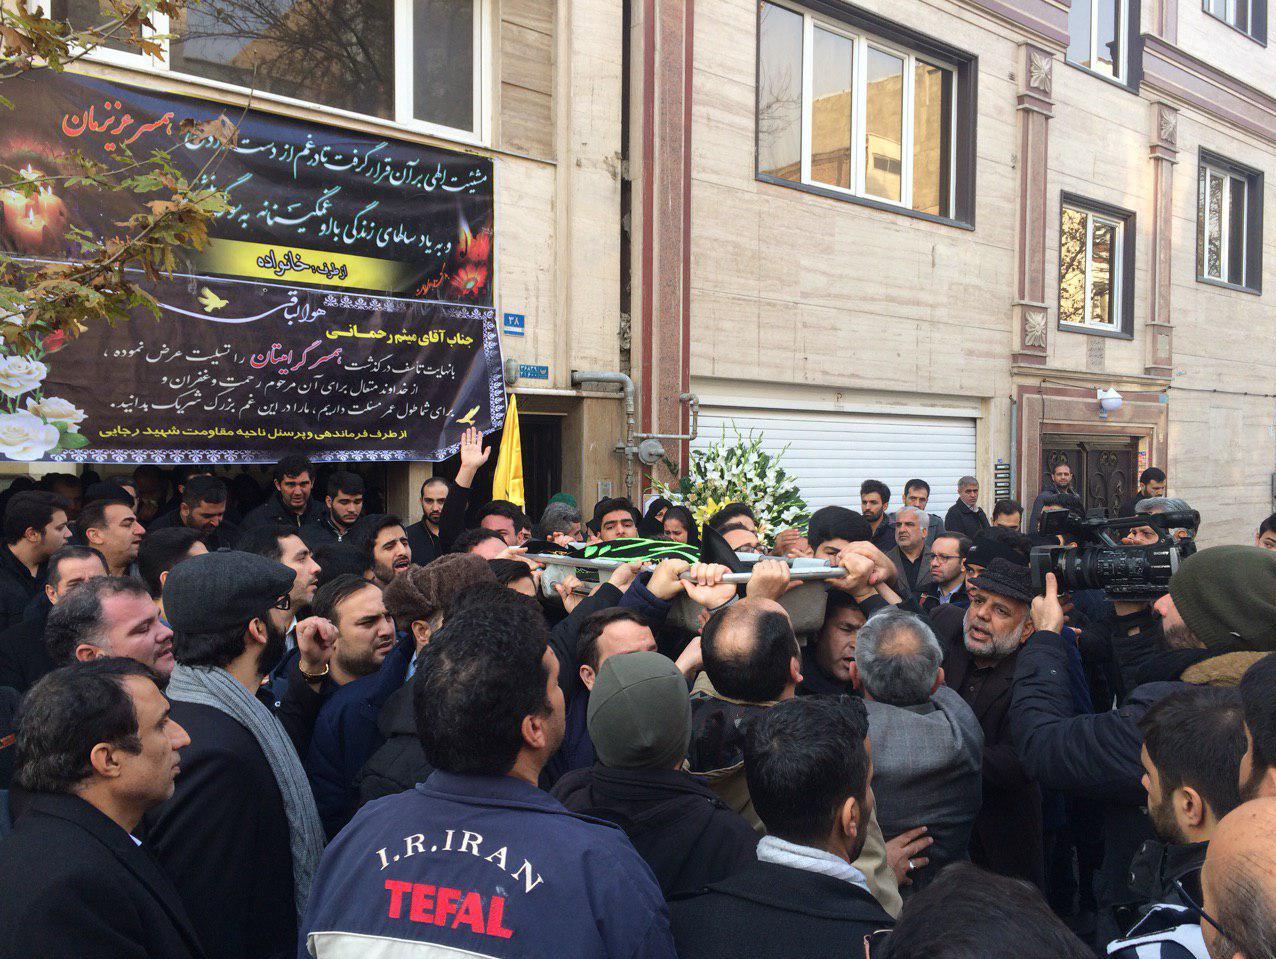 (عکس) پیکر زهرا عبدالمحمدی خبرنگار خبرگزاری فارس تشییع شد